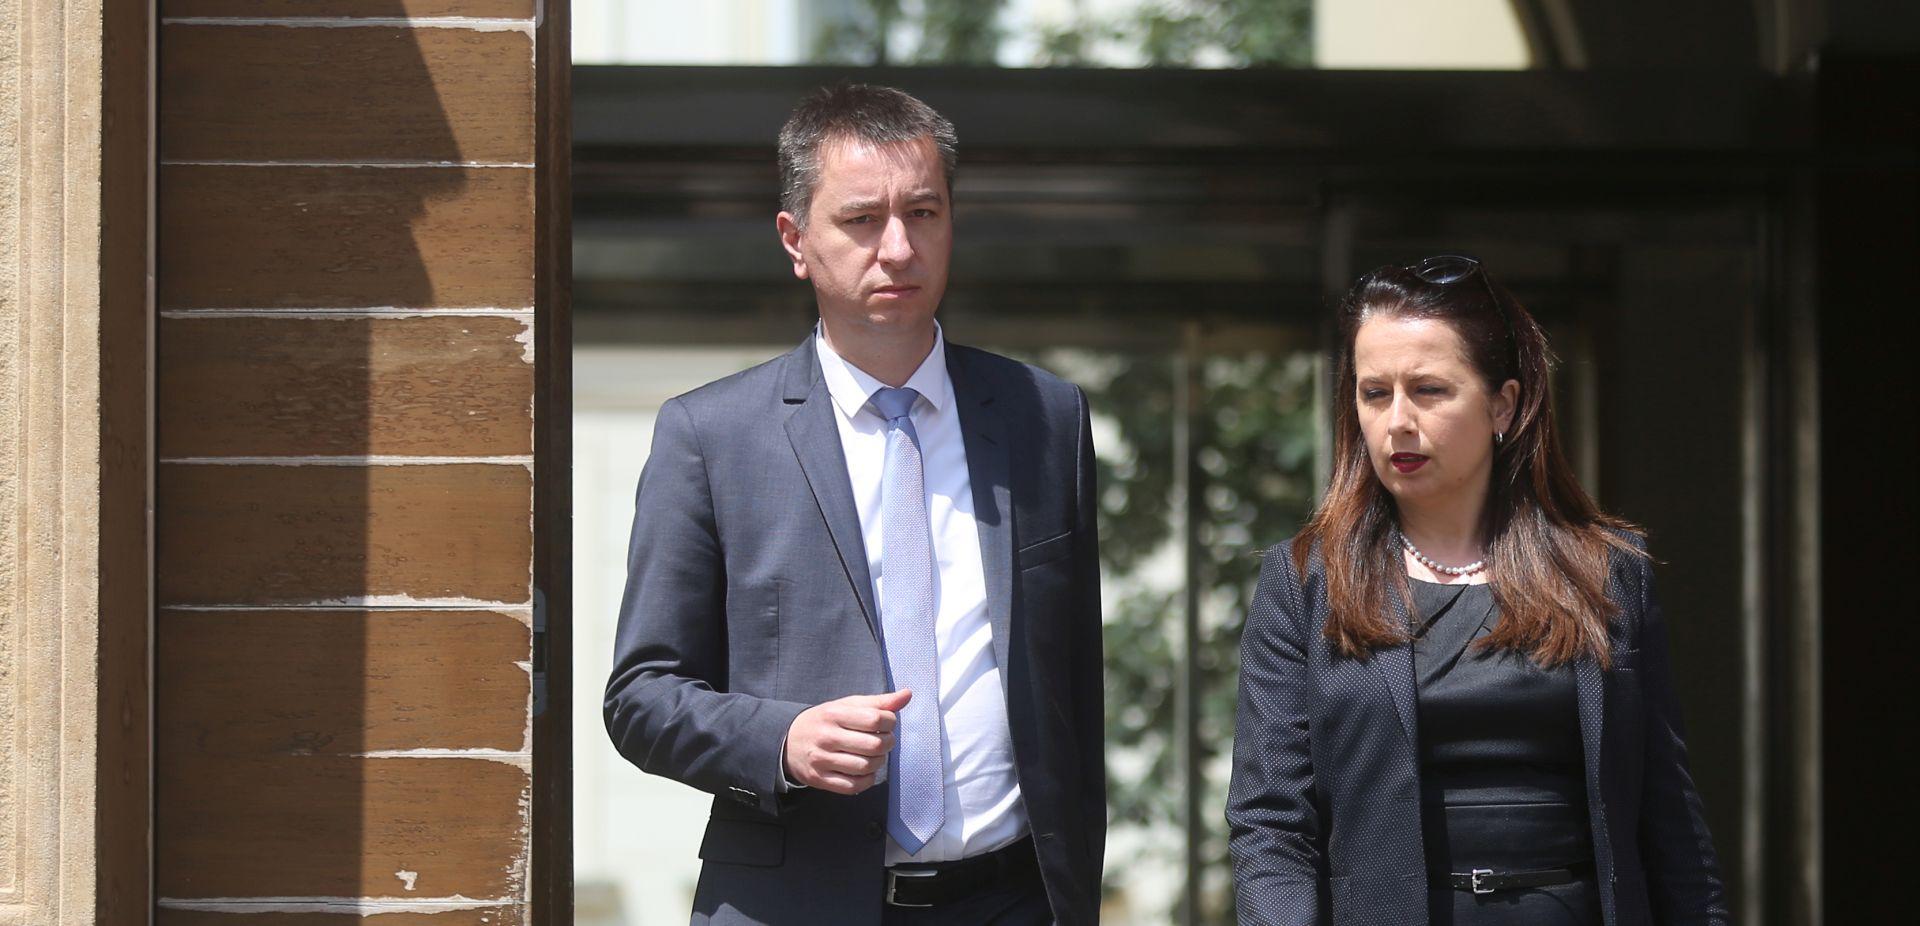 VISOKI TRGOVAČKI SUD 'Samo izvanredni povjerenik može imenovati savjetnike'